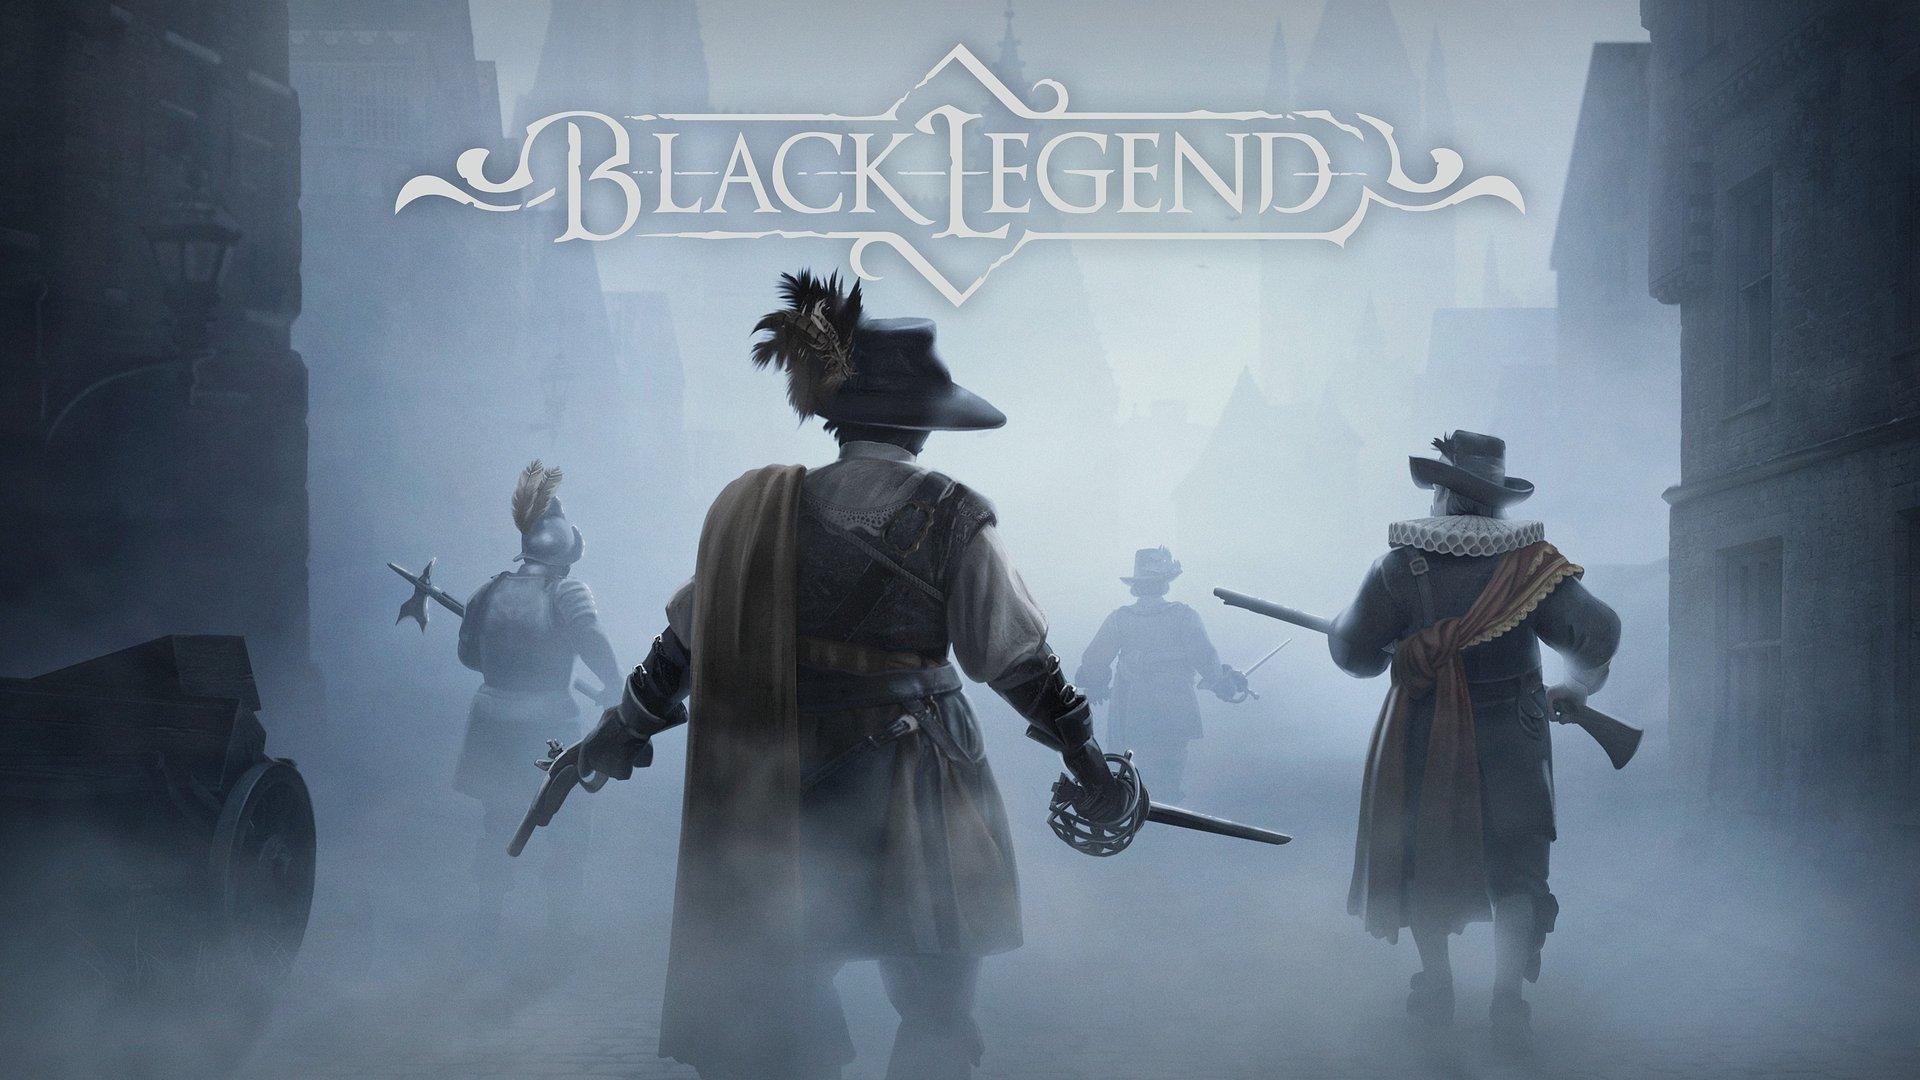 Płaszcz, szpada i kultyści. Black Legend dostępne już dzisiaj na PC, Xbox, PlayStation i Nintendo Switch